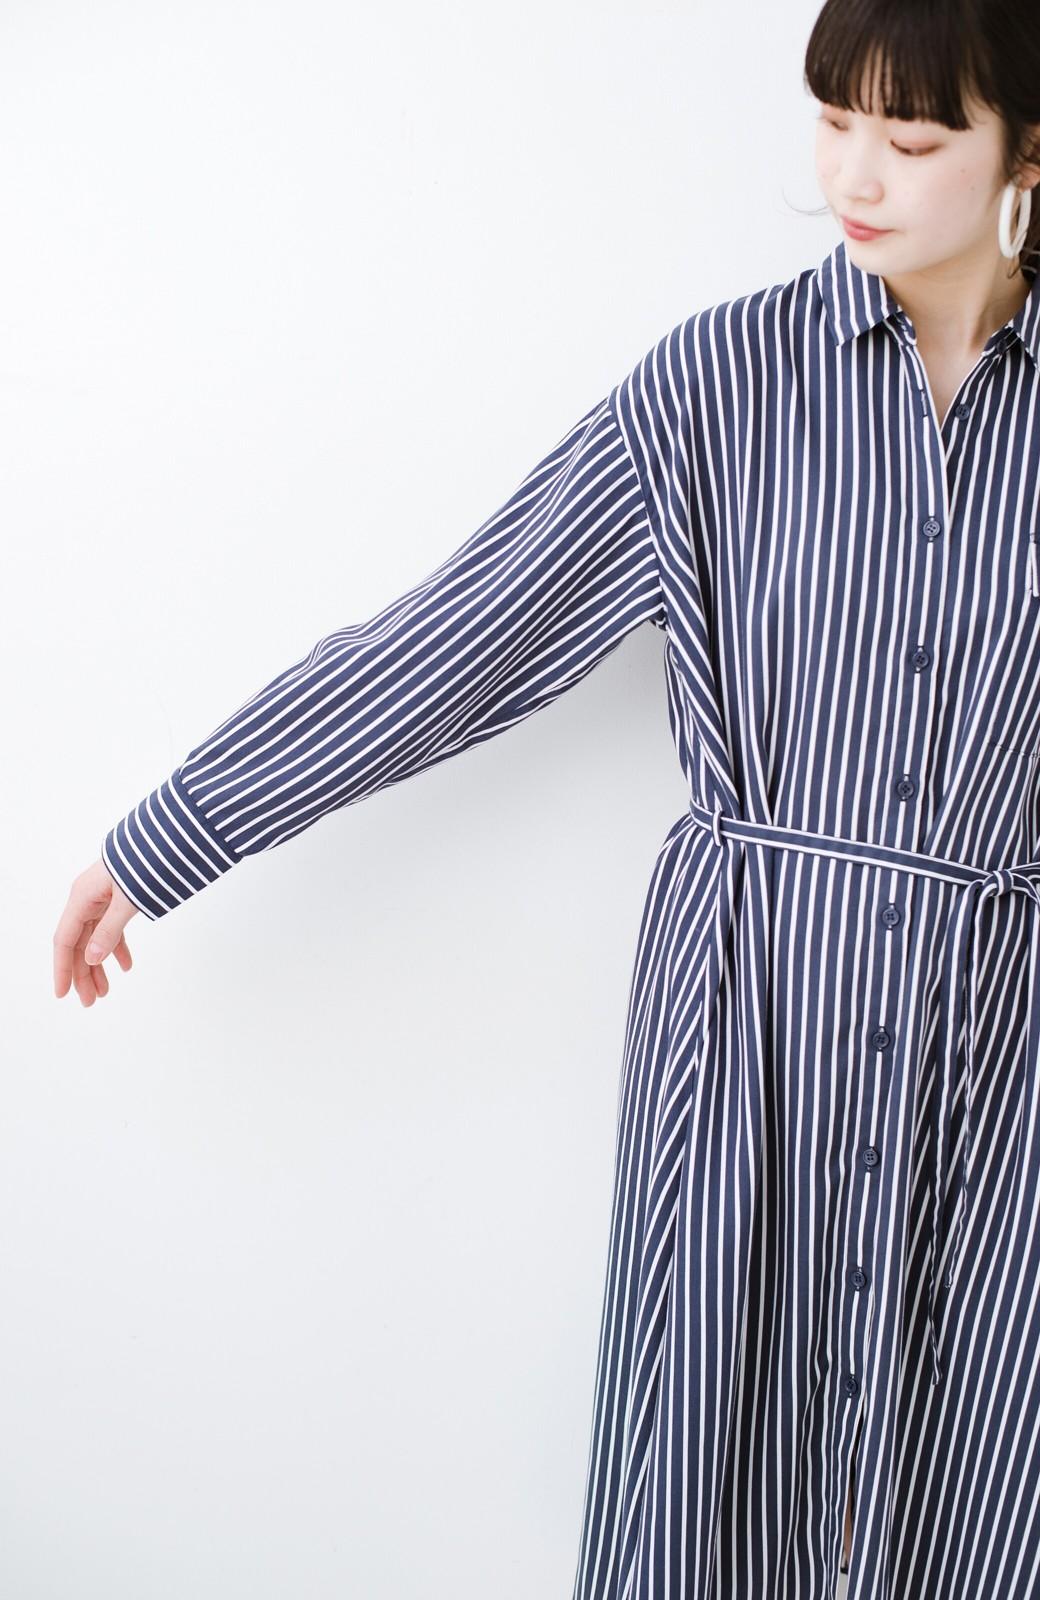 haco! 長ーーい季節着られる! 単品づかいはもちろん重ね着も楽しいシャツワンピース  <ネイビー>の商品写真6